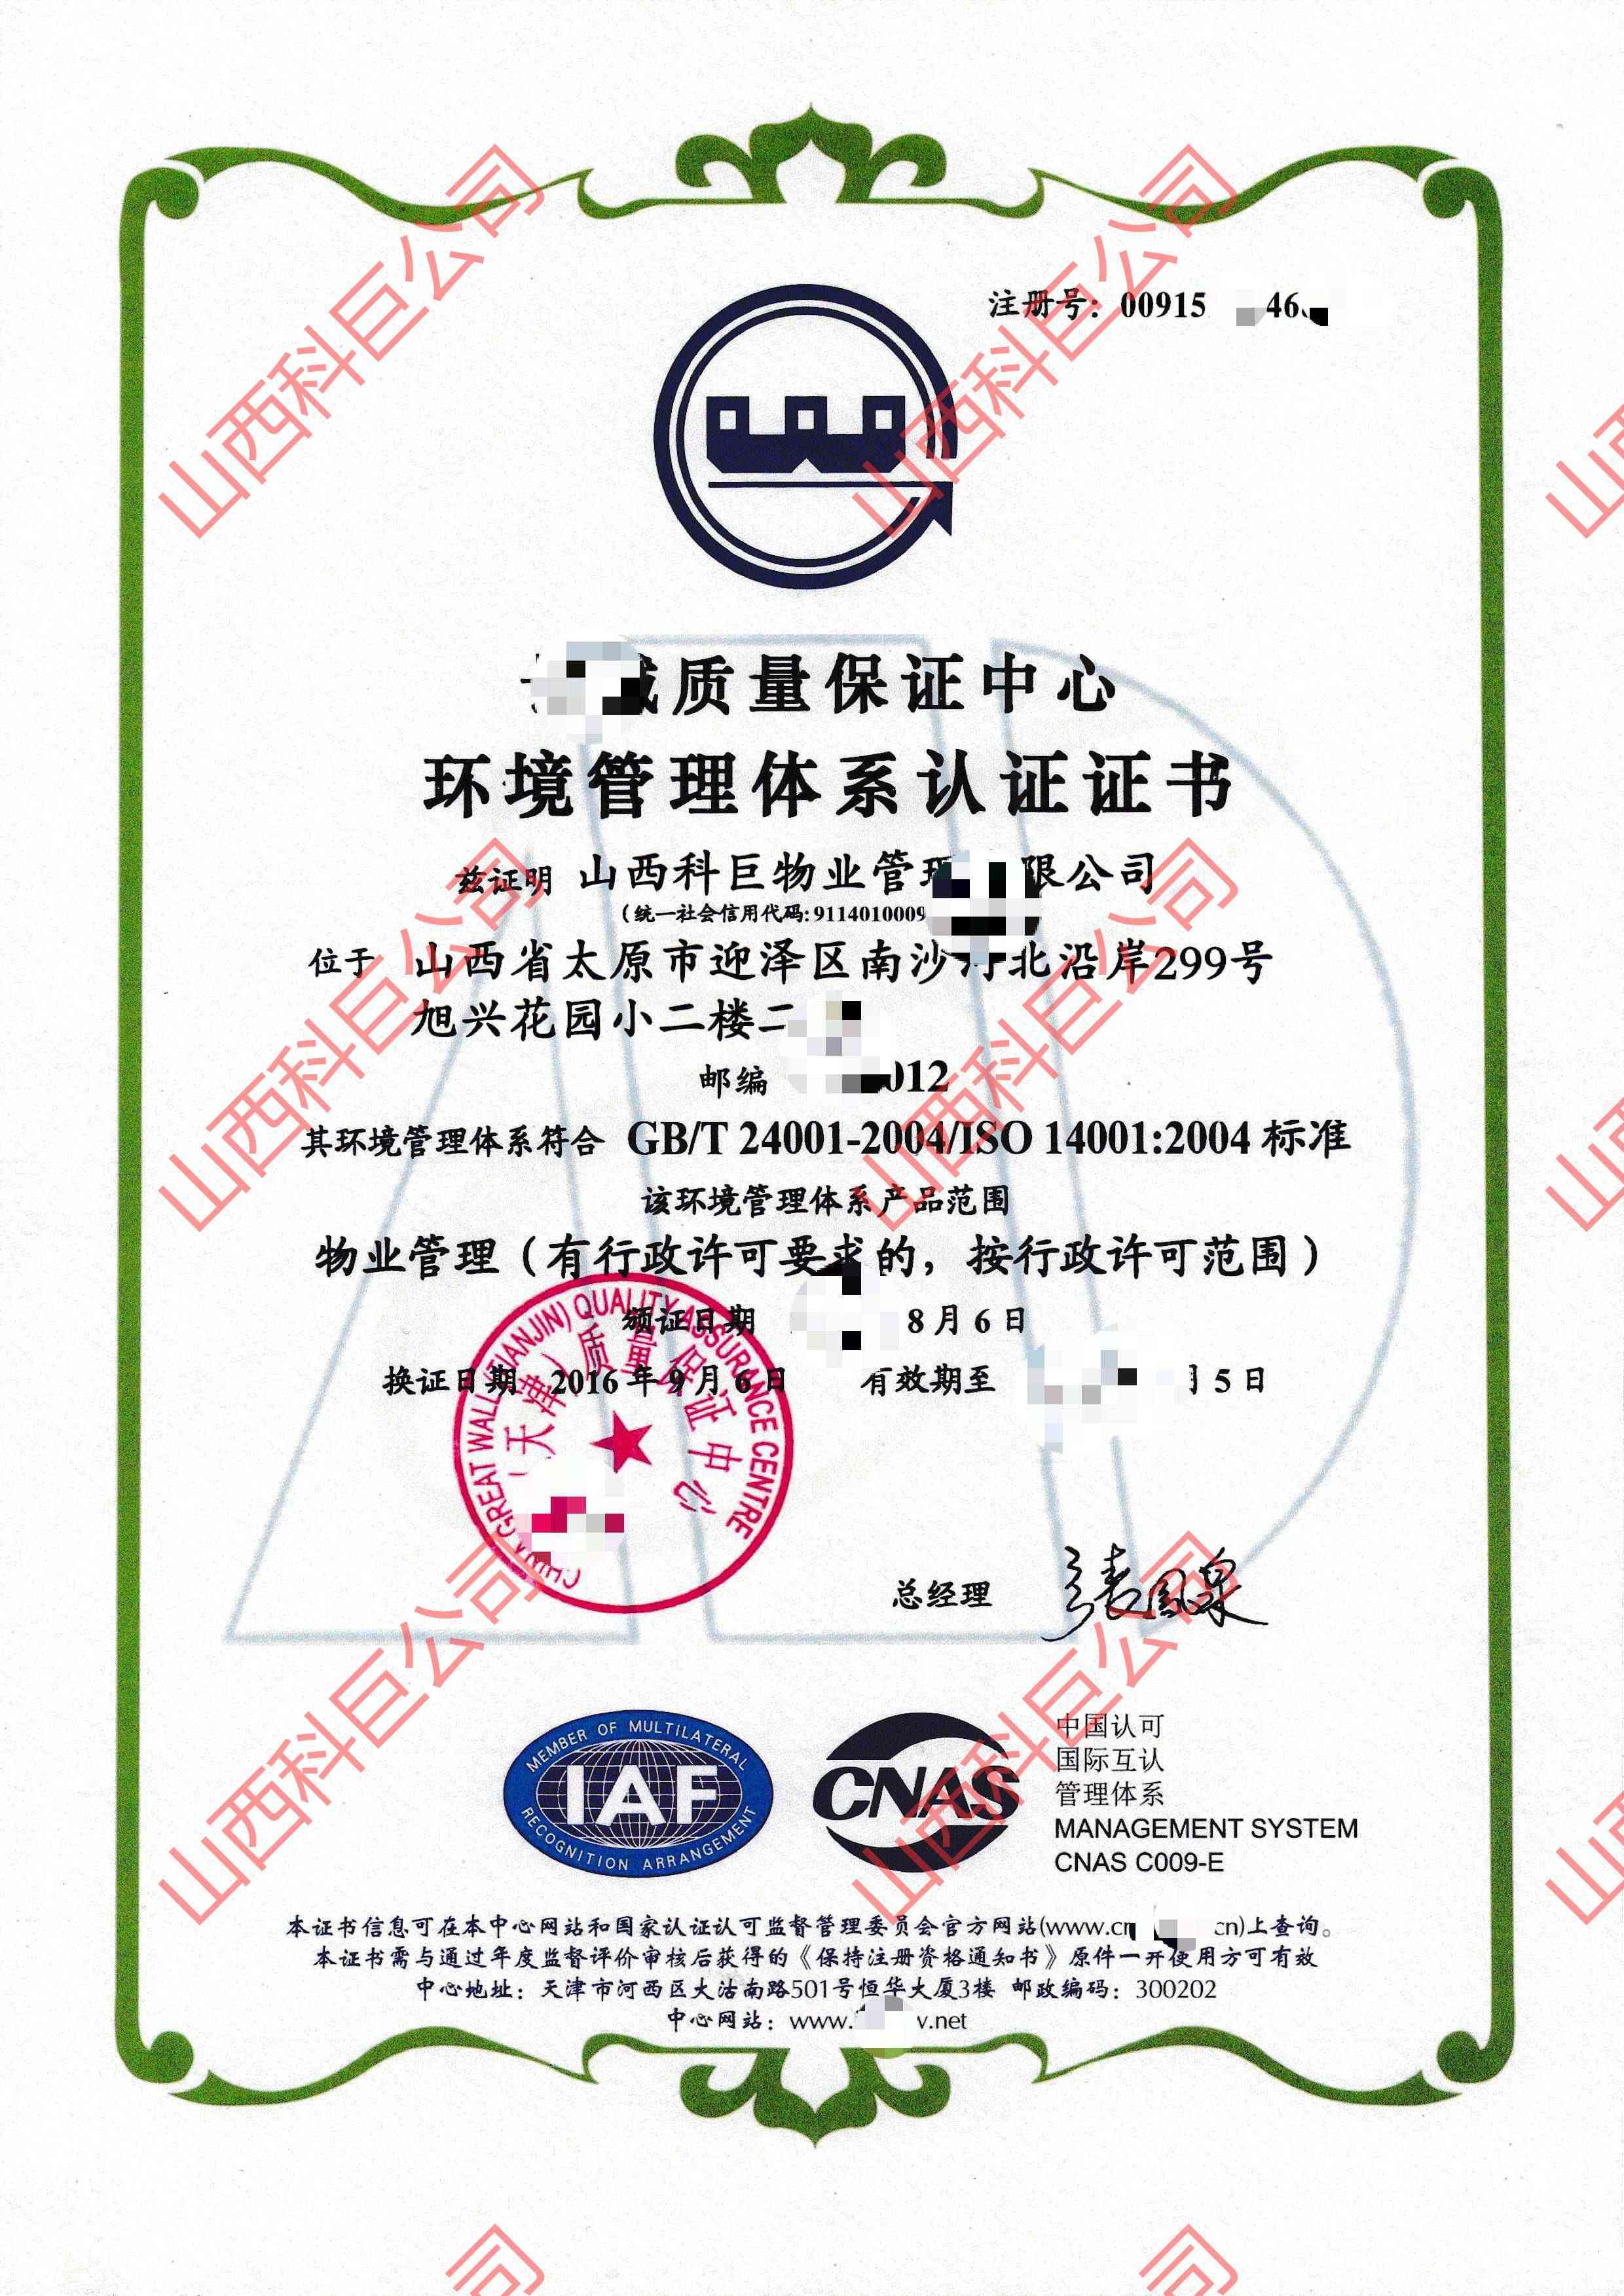 物業公司環境認證